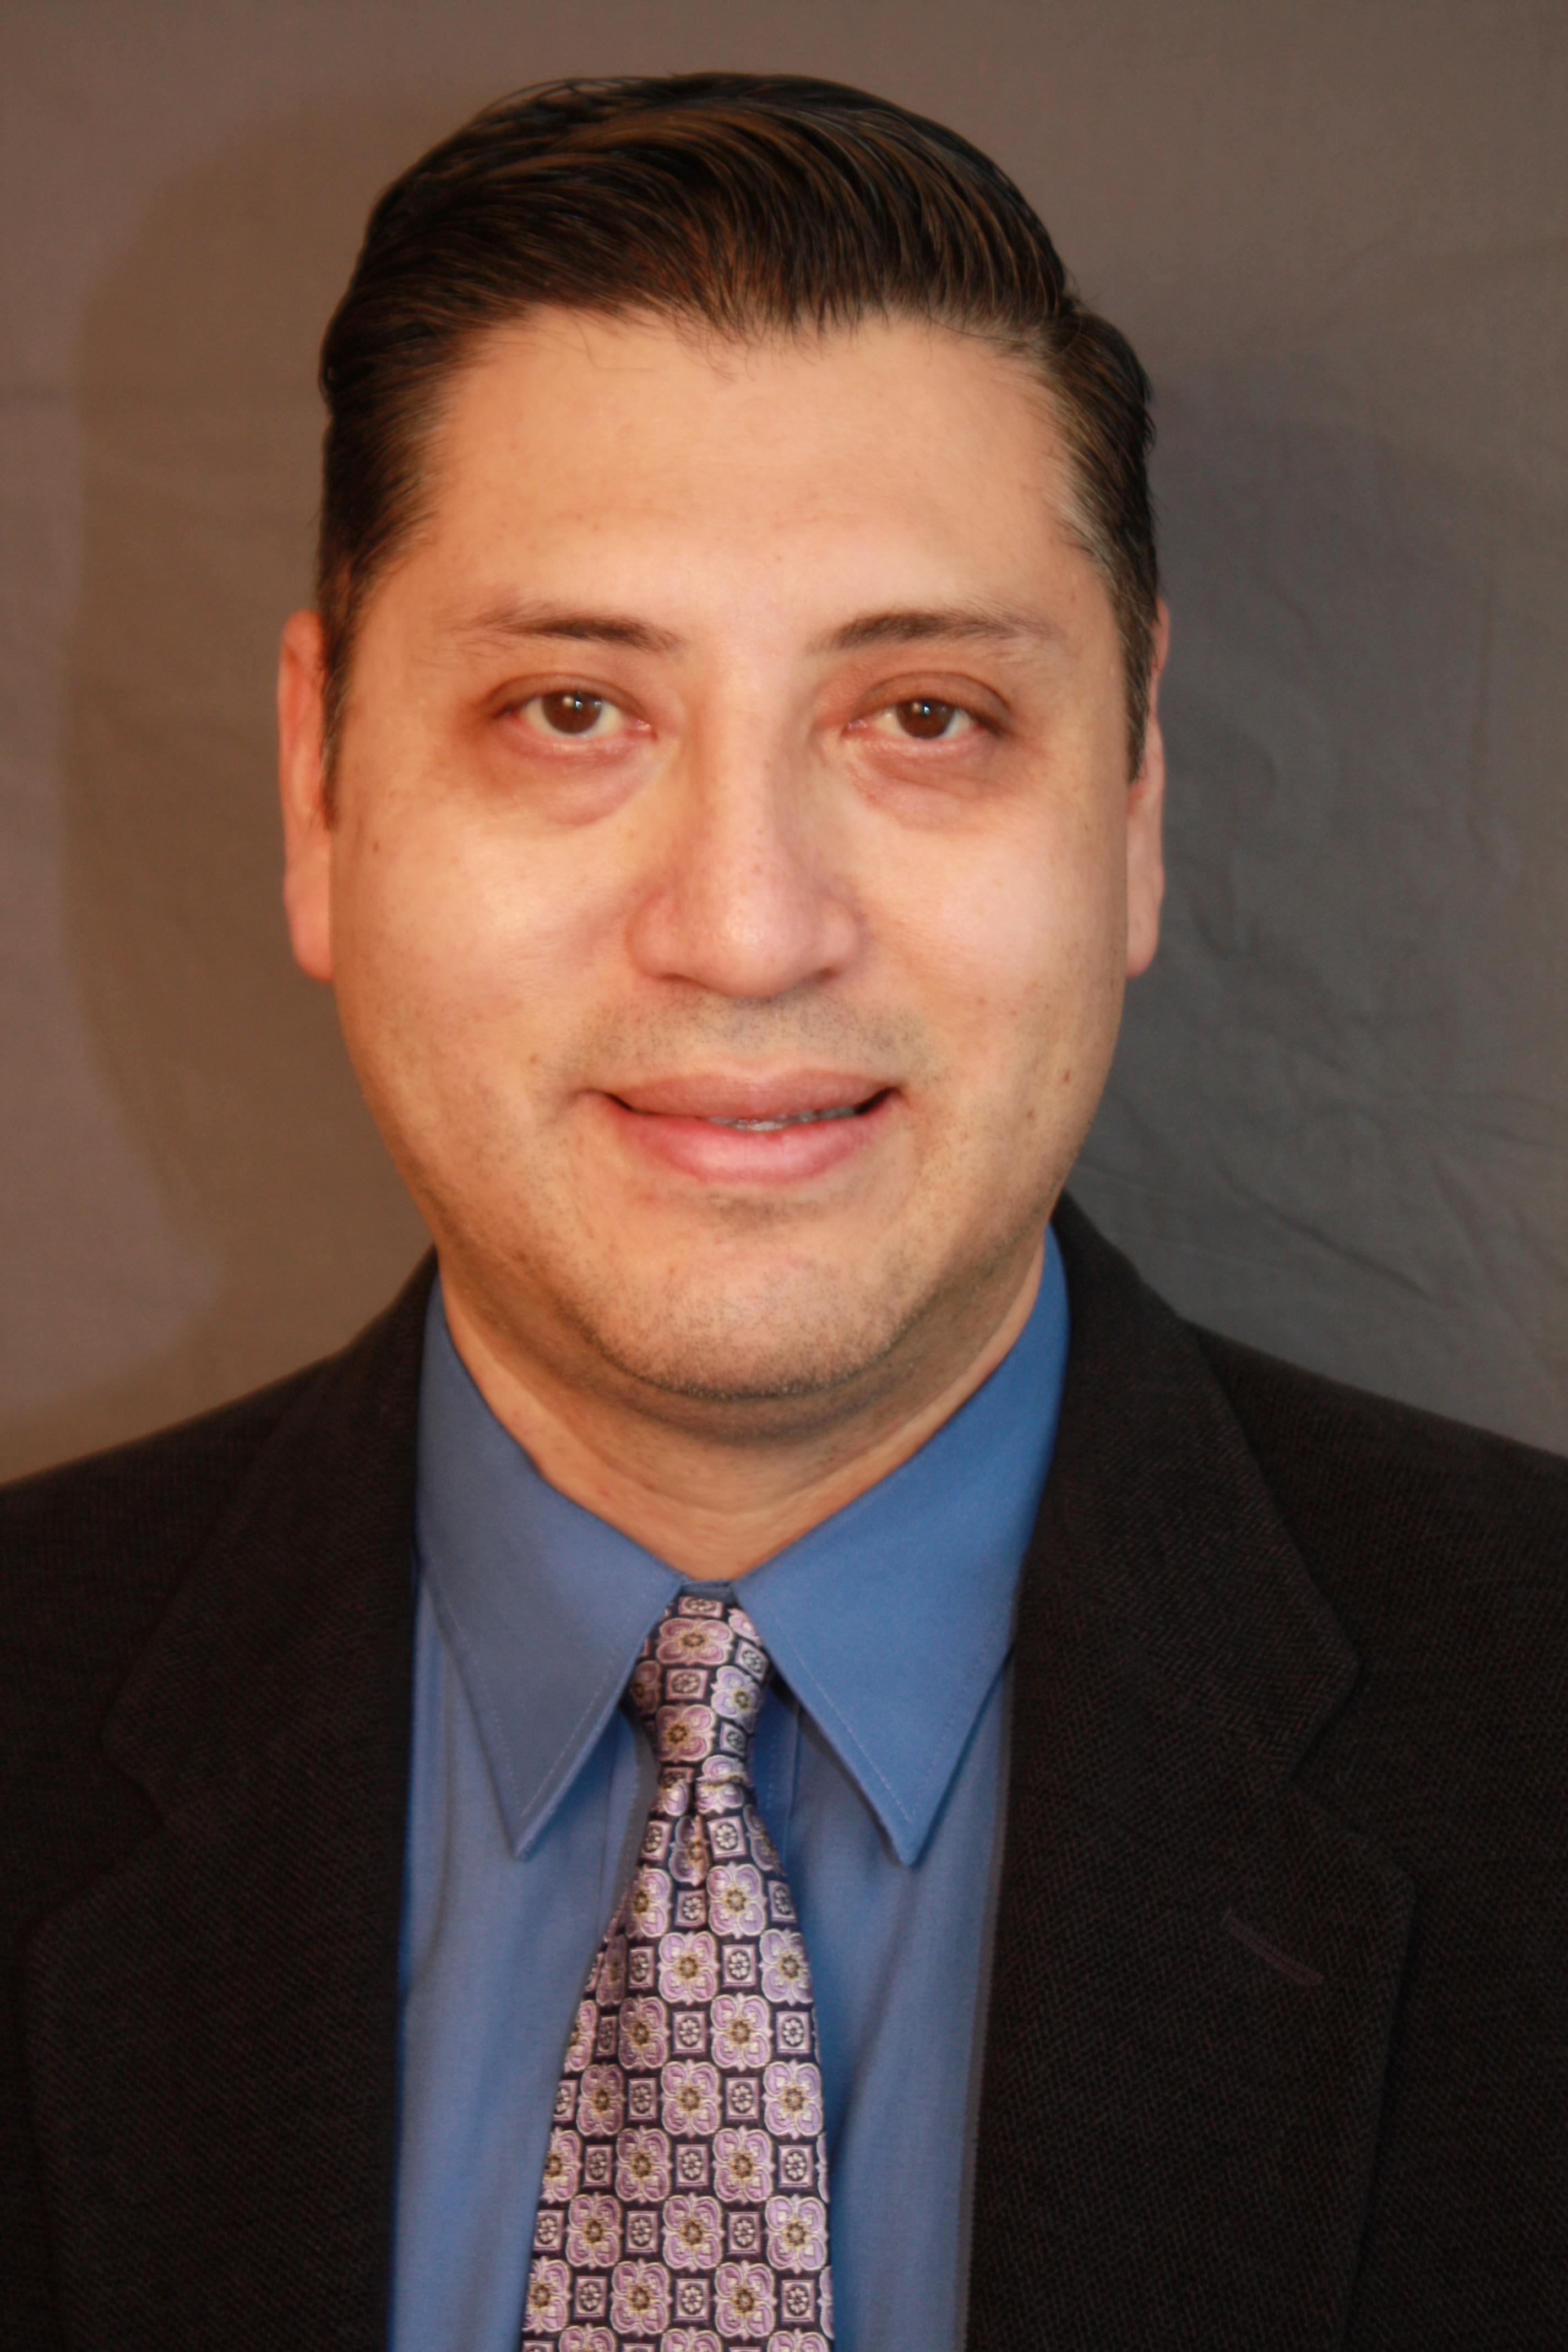 Robert Lucchesi